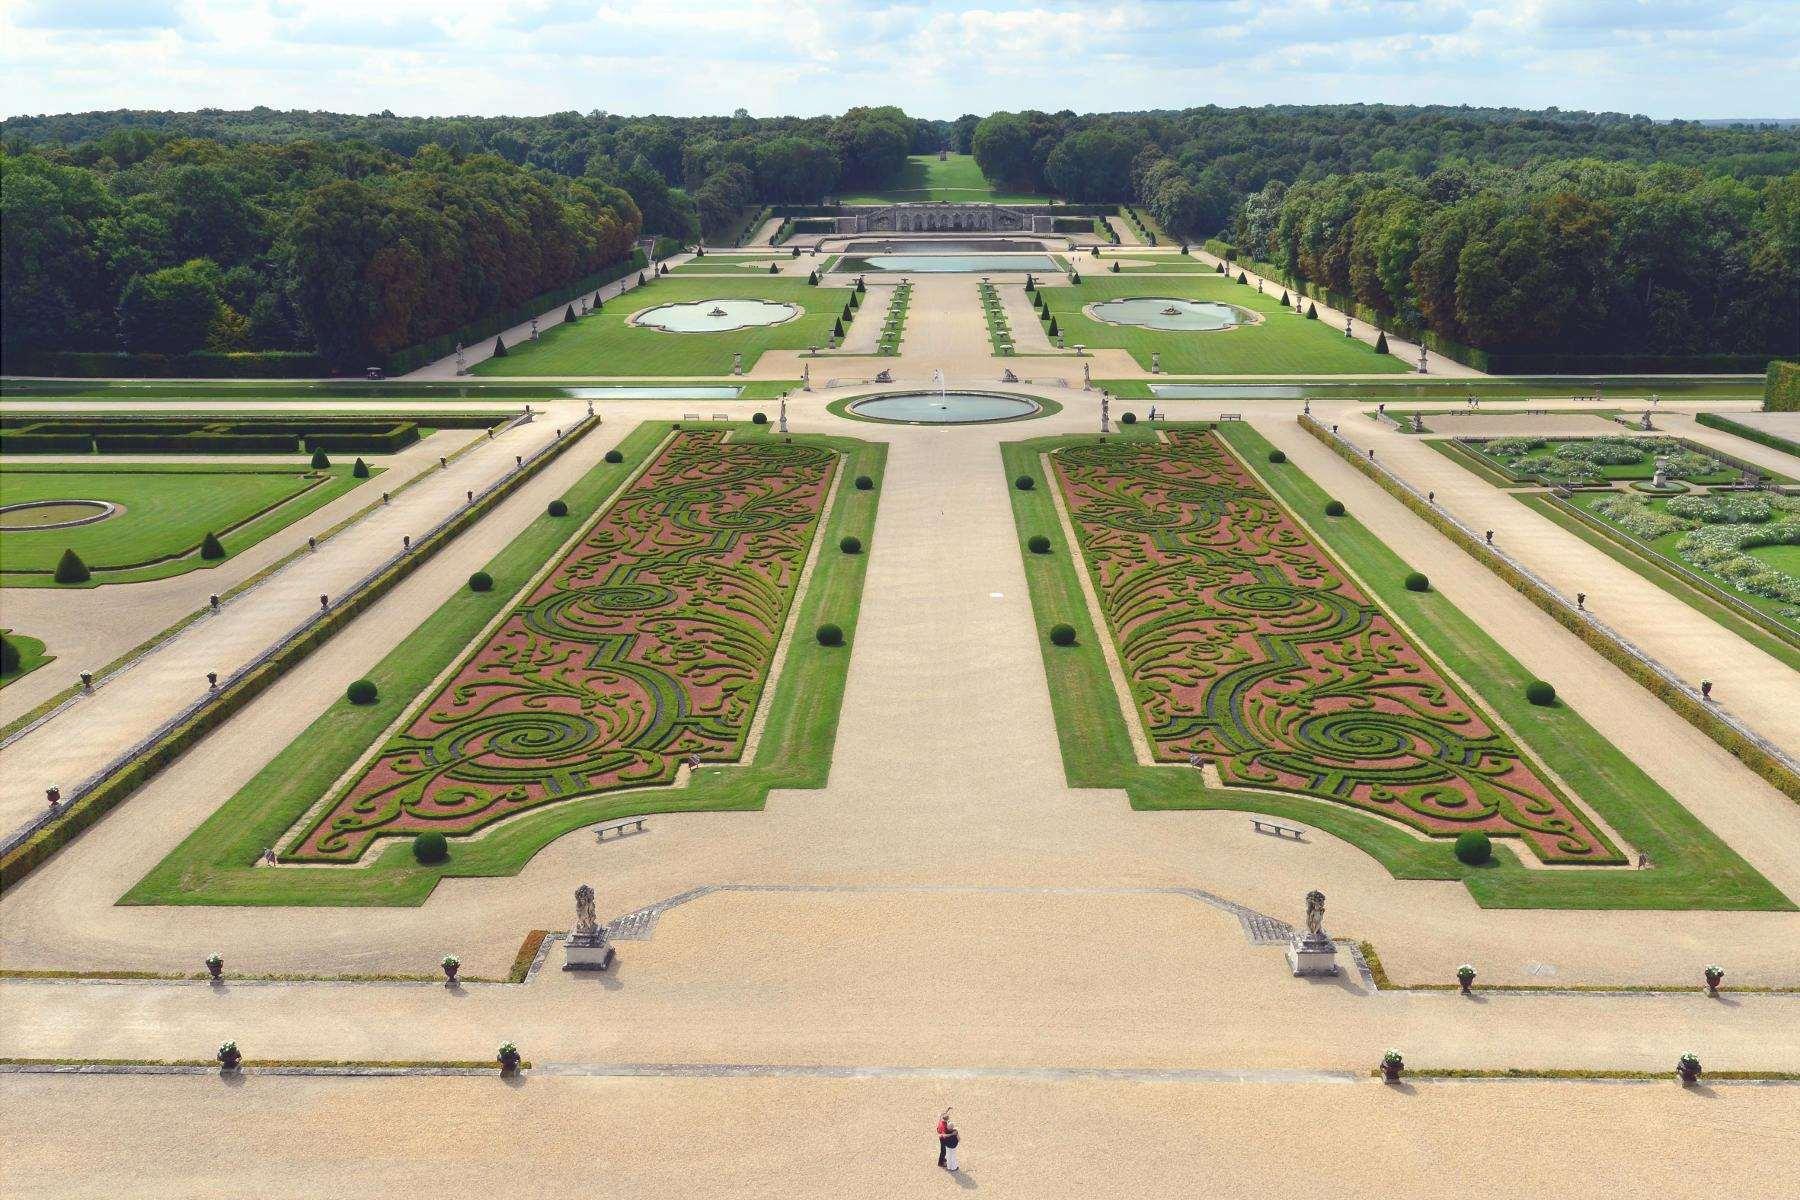 Il giardino francese è uno stile di giardino formale